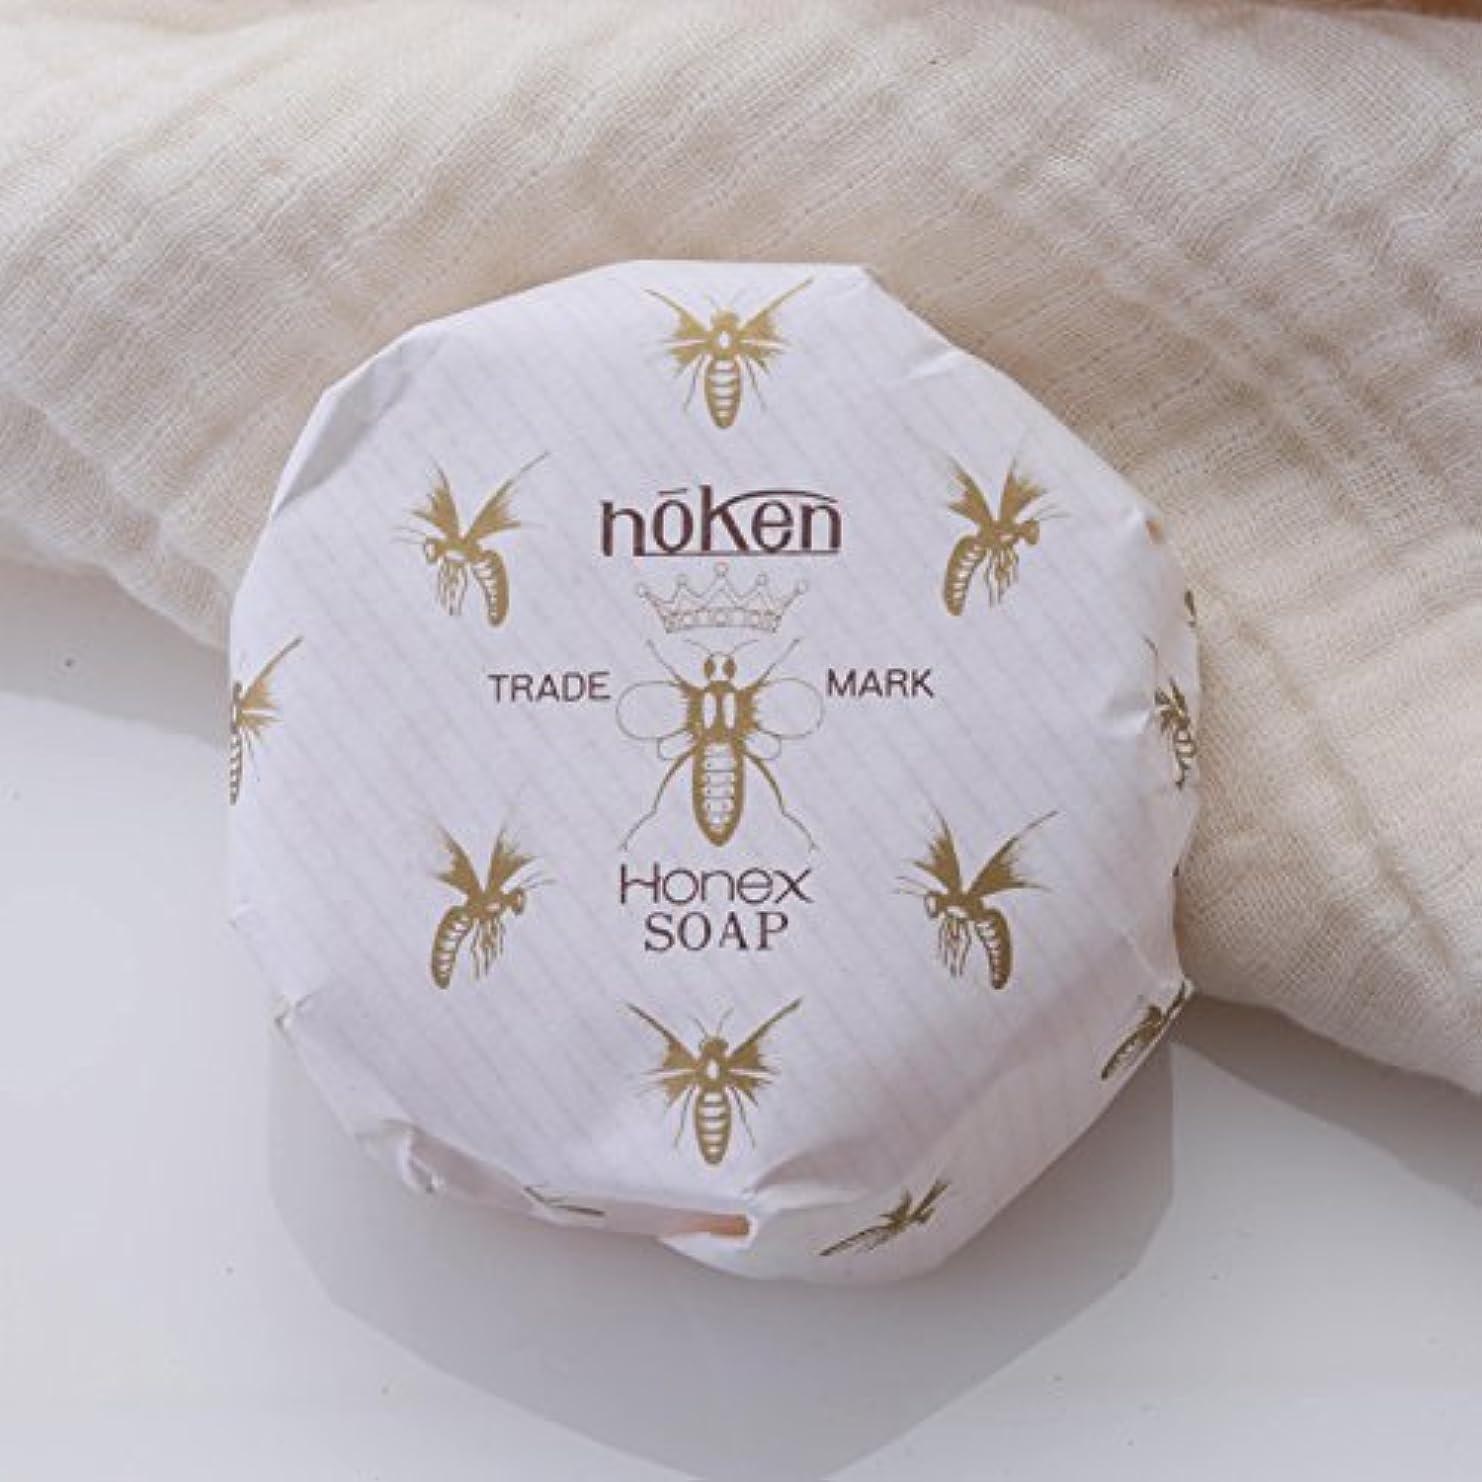 維持する移住する優しいHOKEN/HONEYX ソープ 大